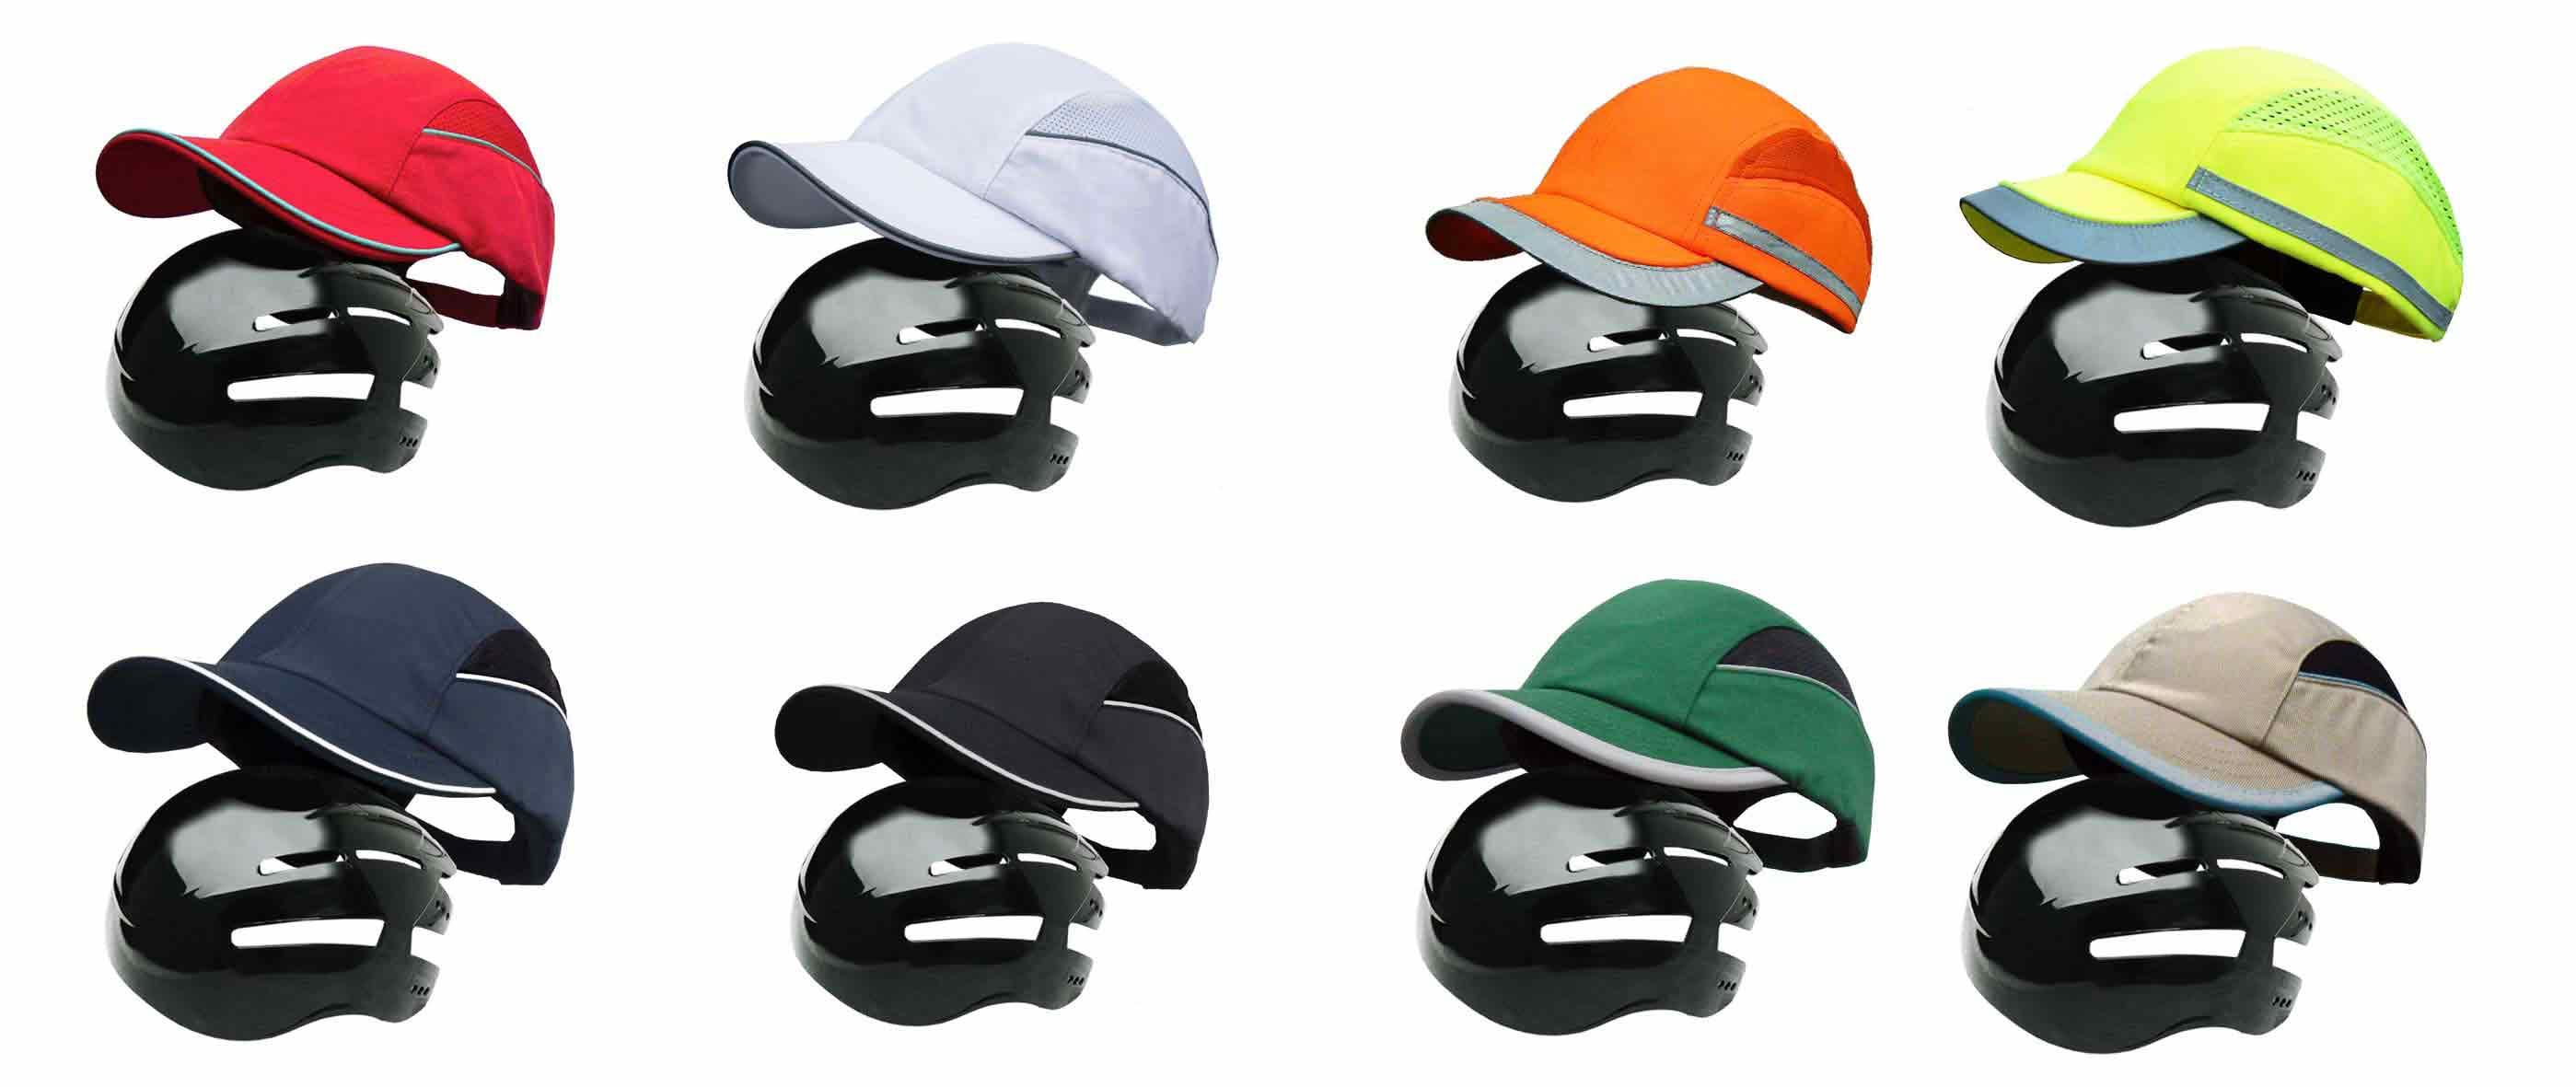 gorra de seguridad, gorras de seguridad, gorra casco seguridad